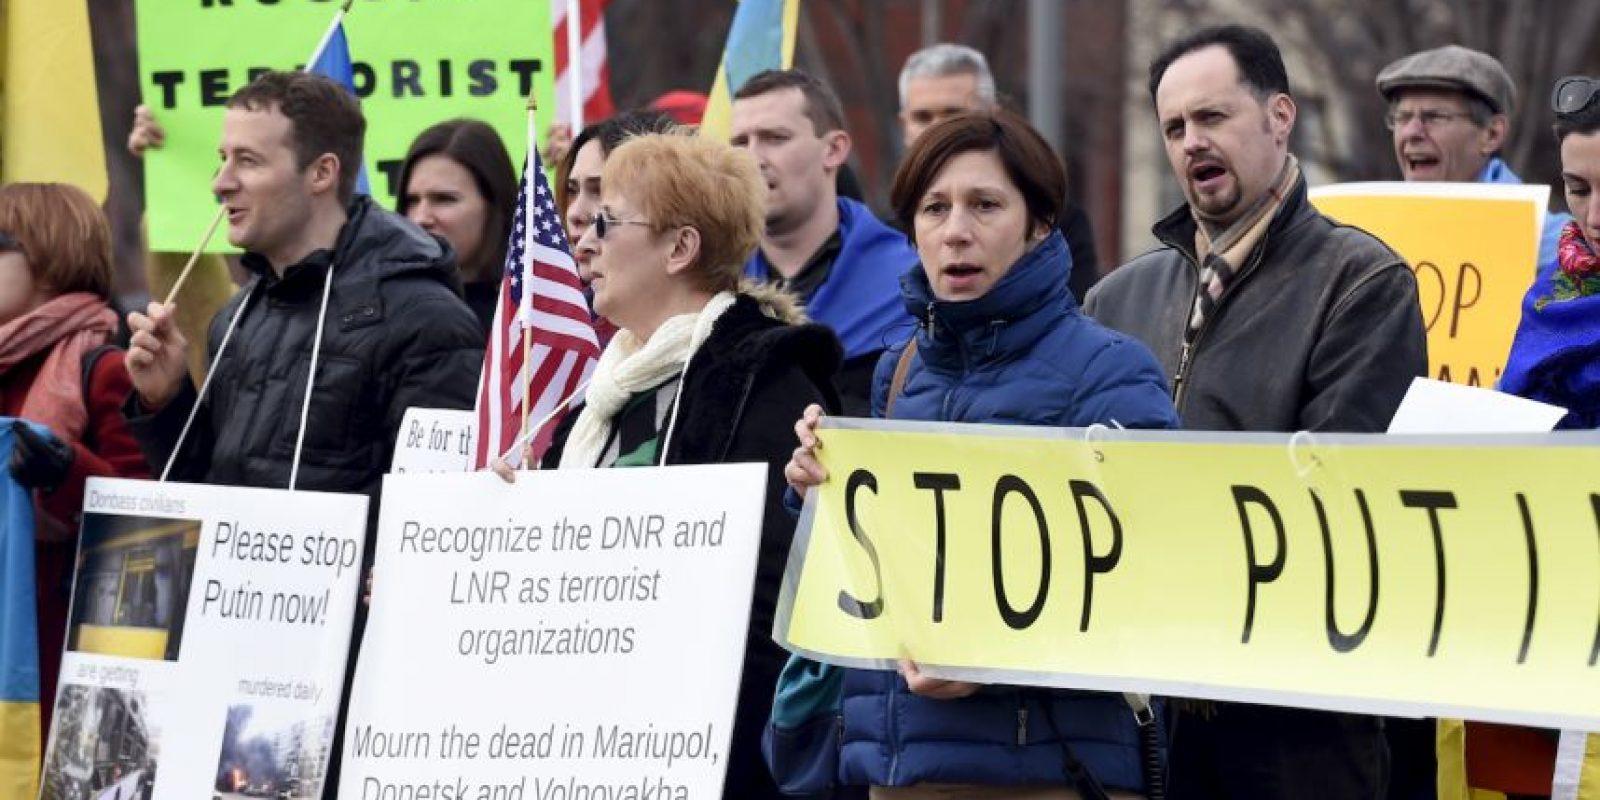 Los ciudadanos exigen el fin de la guerra. Foto:Getty Images